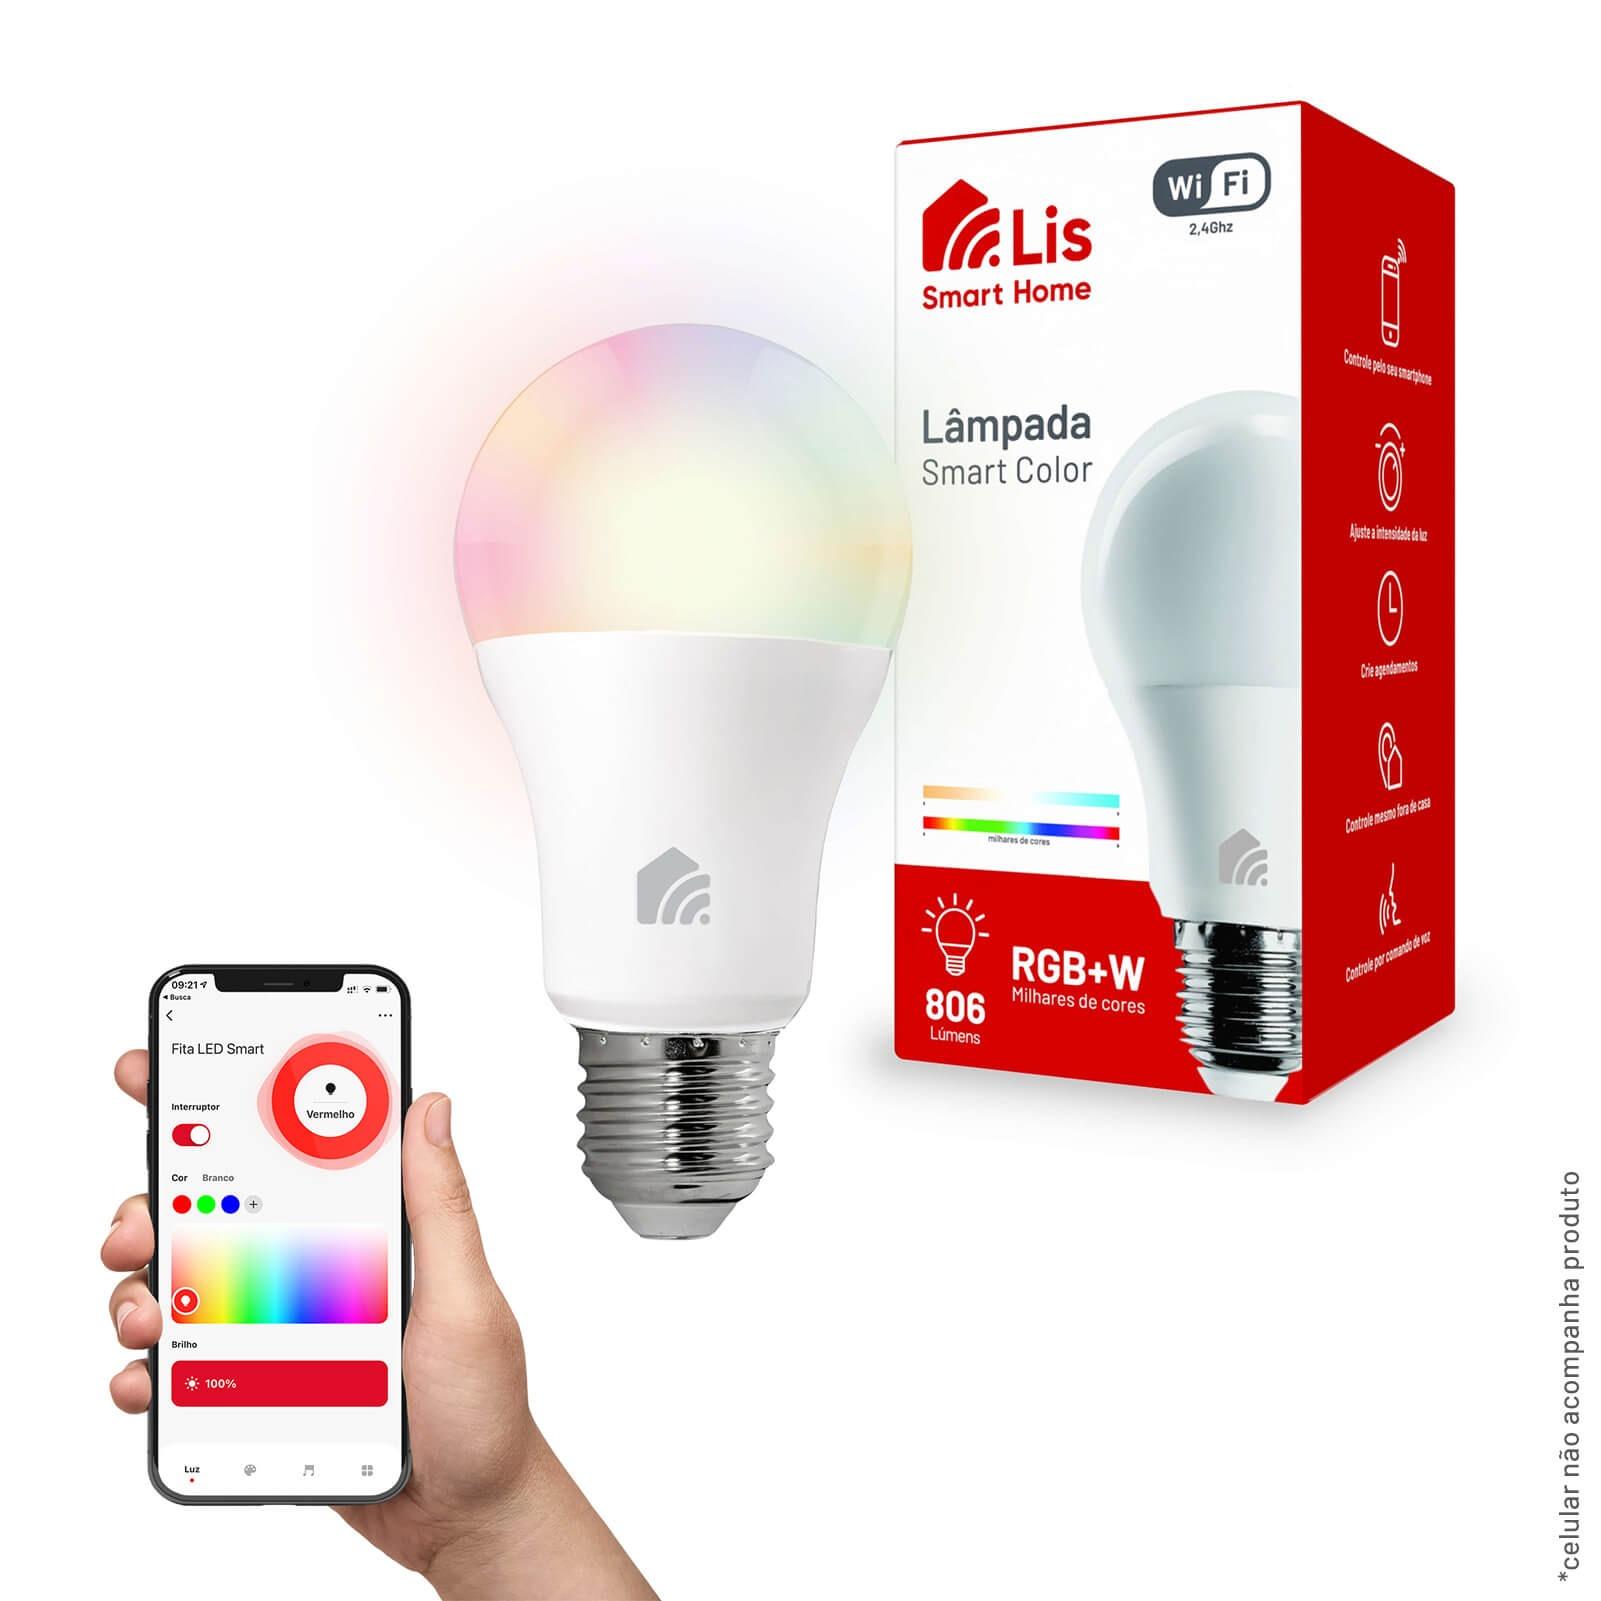 Lampada Smart LED Lis Wi-Fi Bulbo Inteligente 10W RGB E27 Autovolt